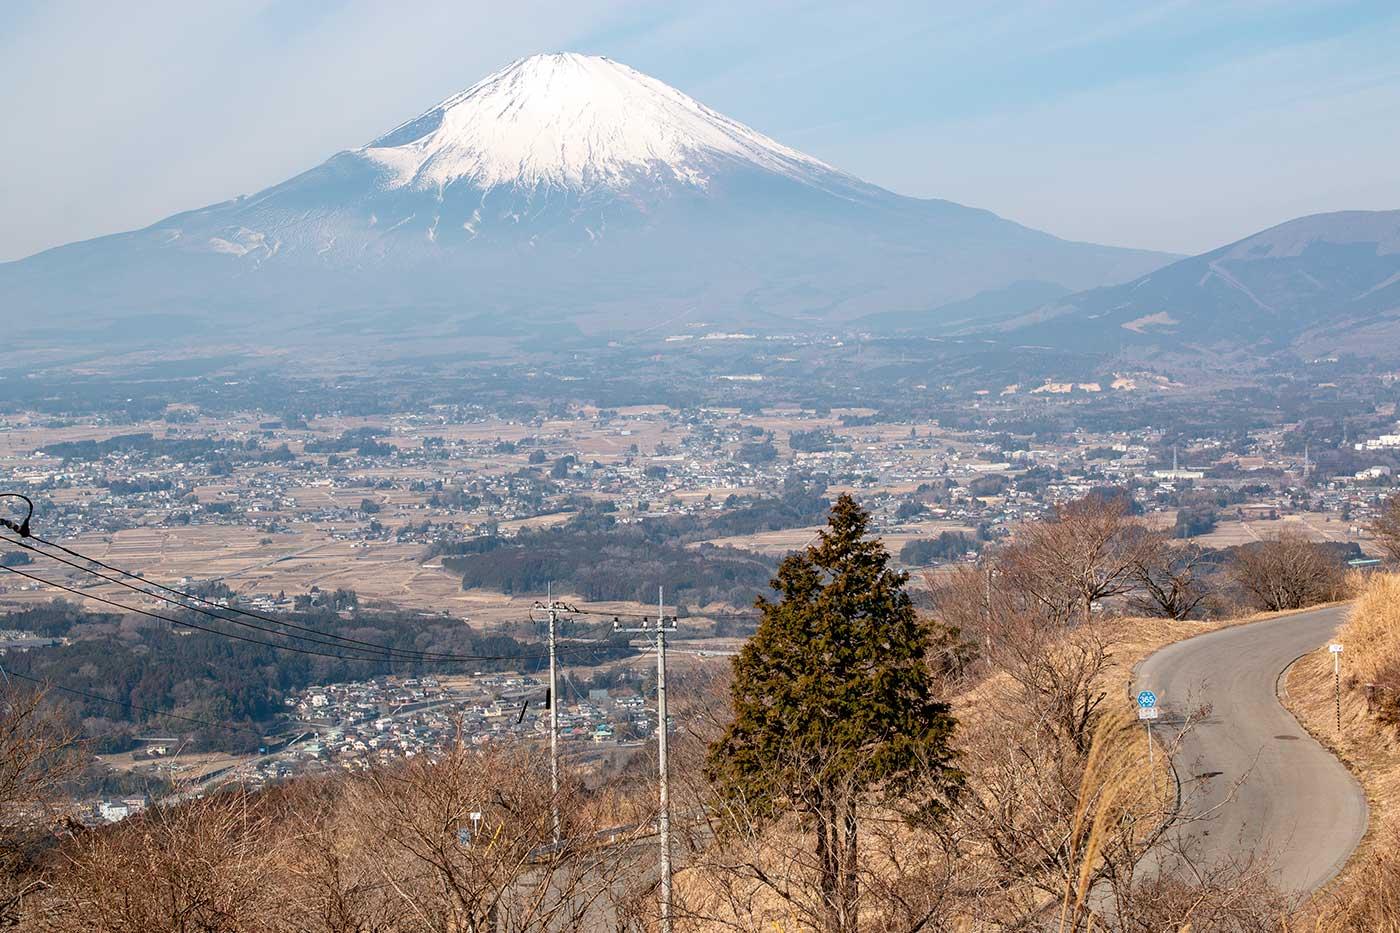 ワインディングロードと富士山